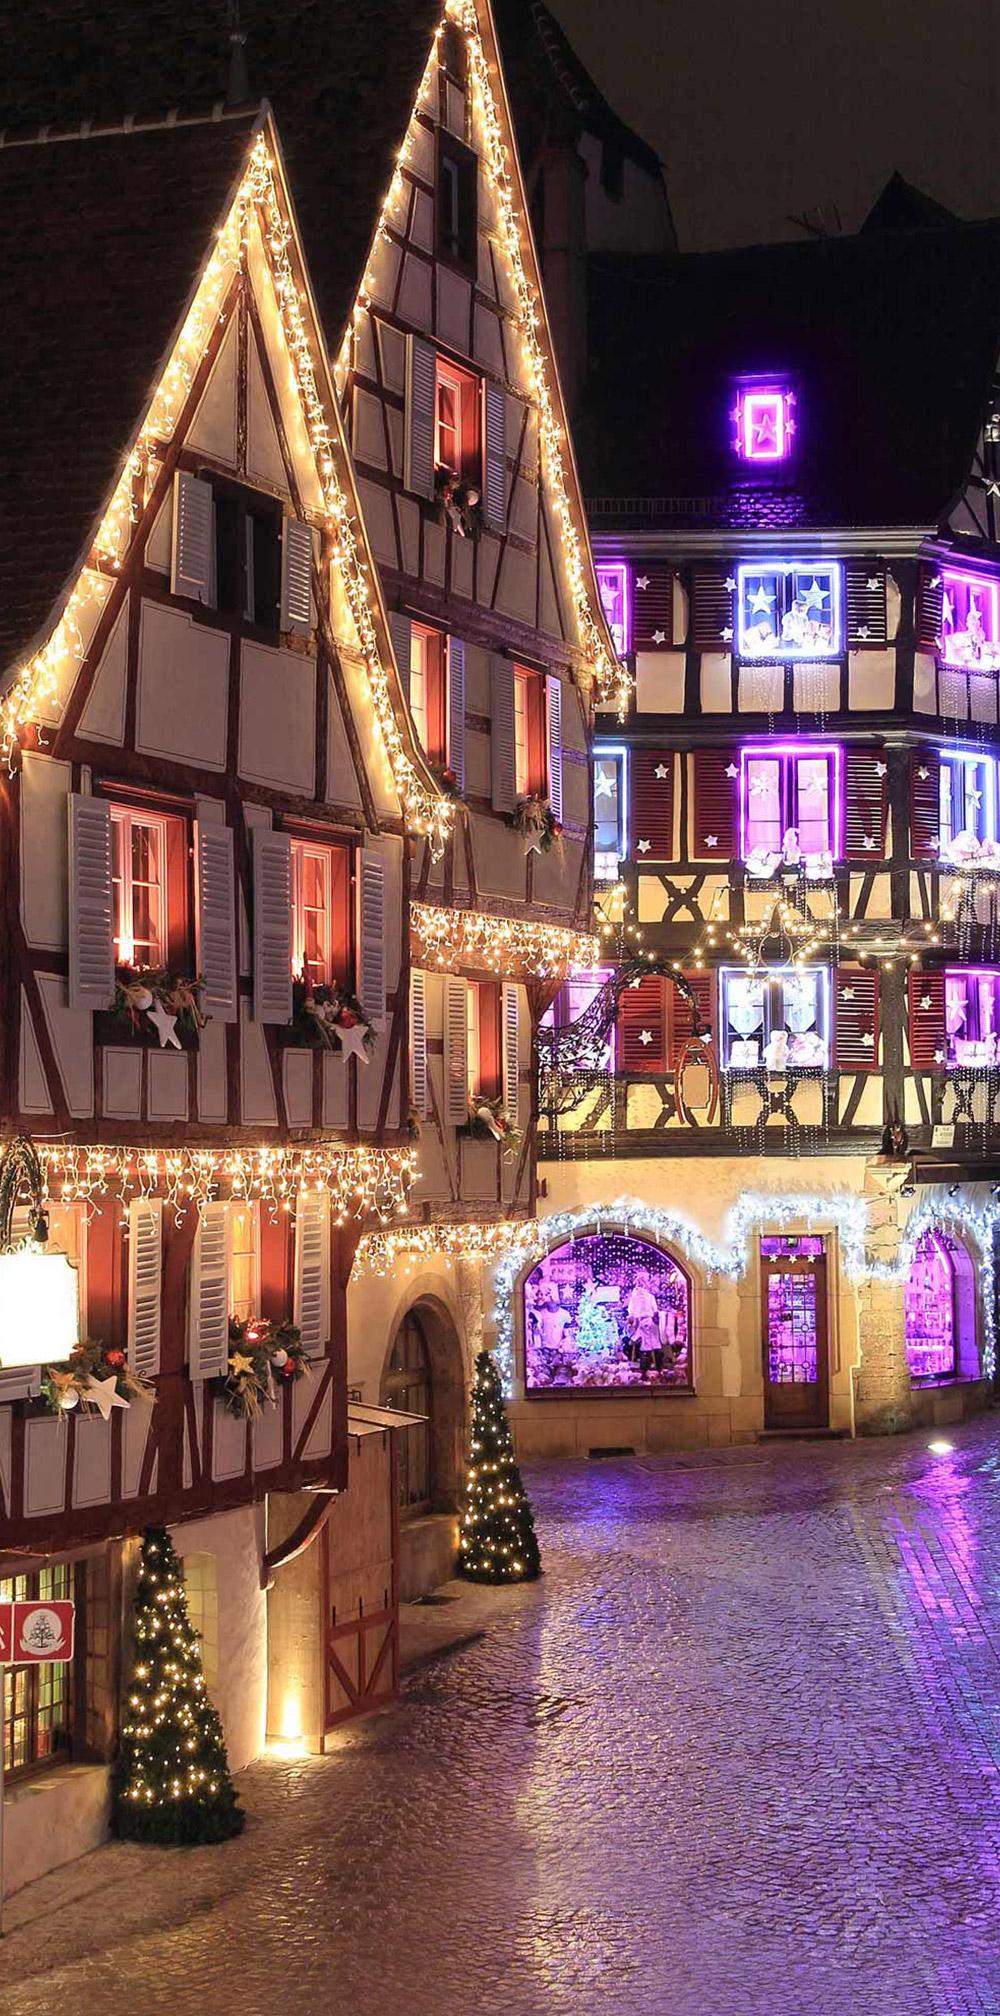 Ruelle typique alsacienne à colombages aux guirlandes et décoration lumineuses de Noël